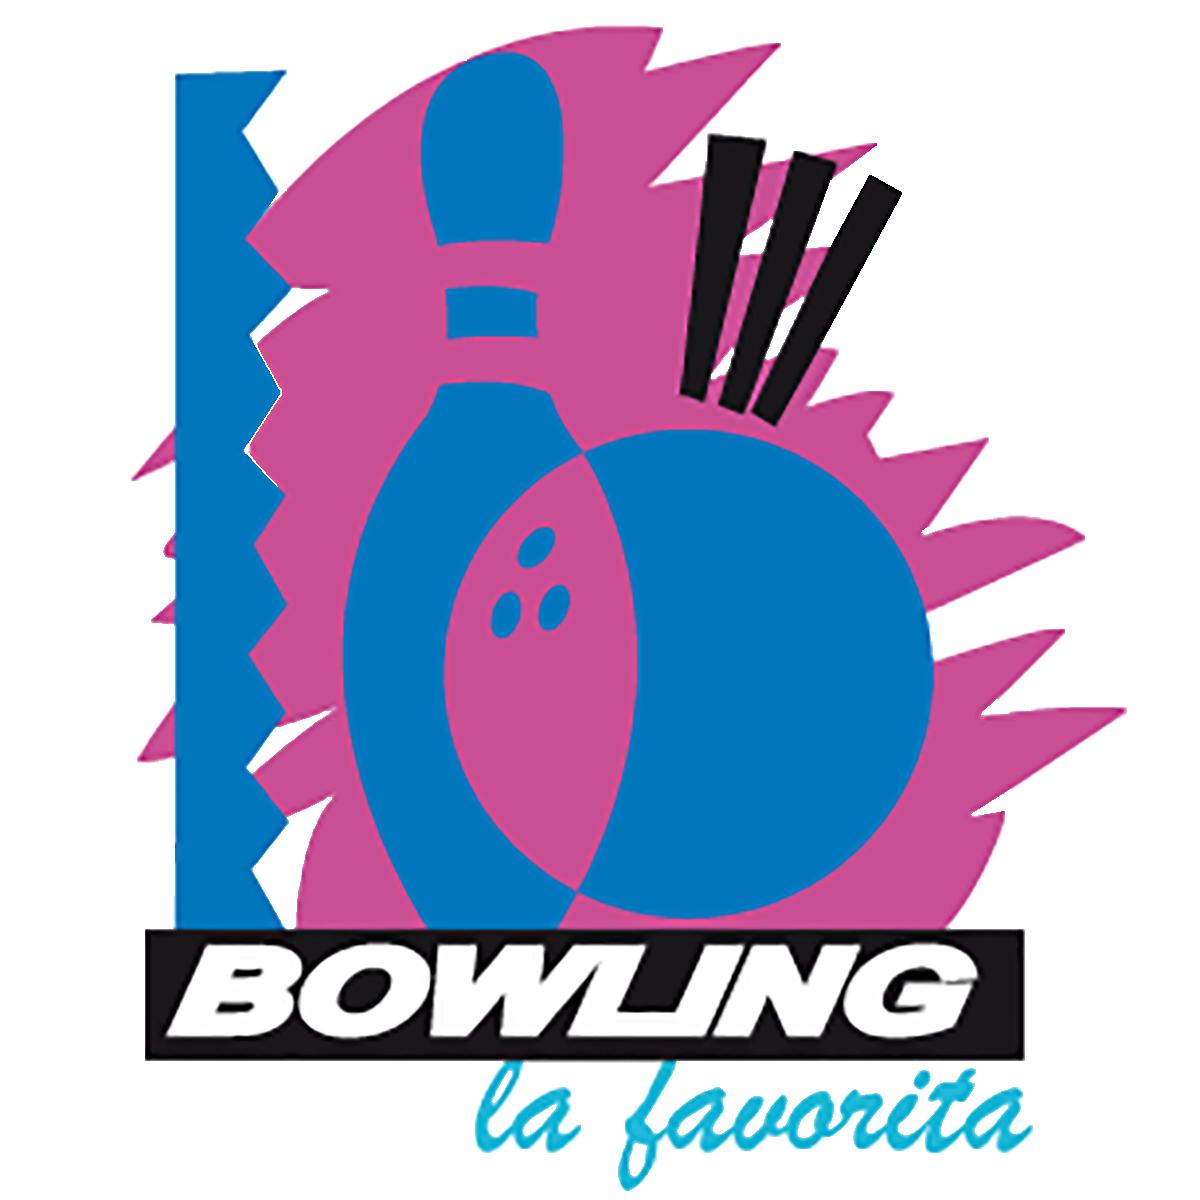 Bowling LaFavorita